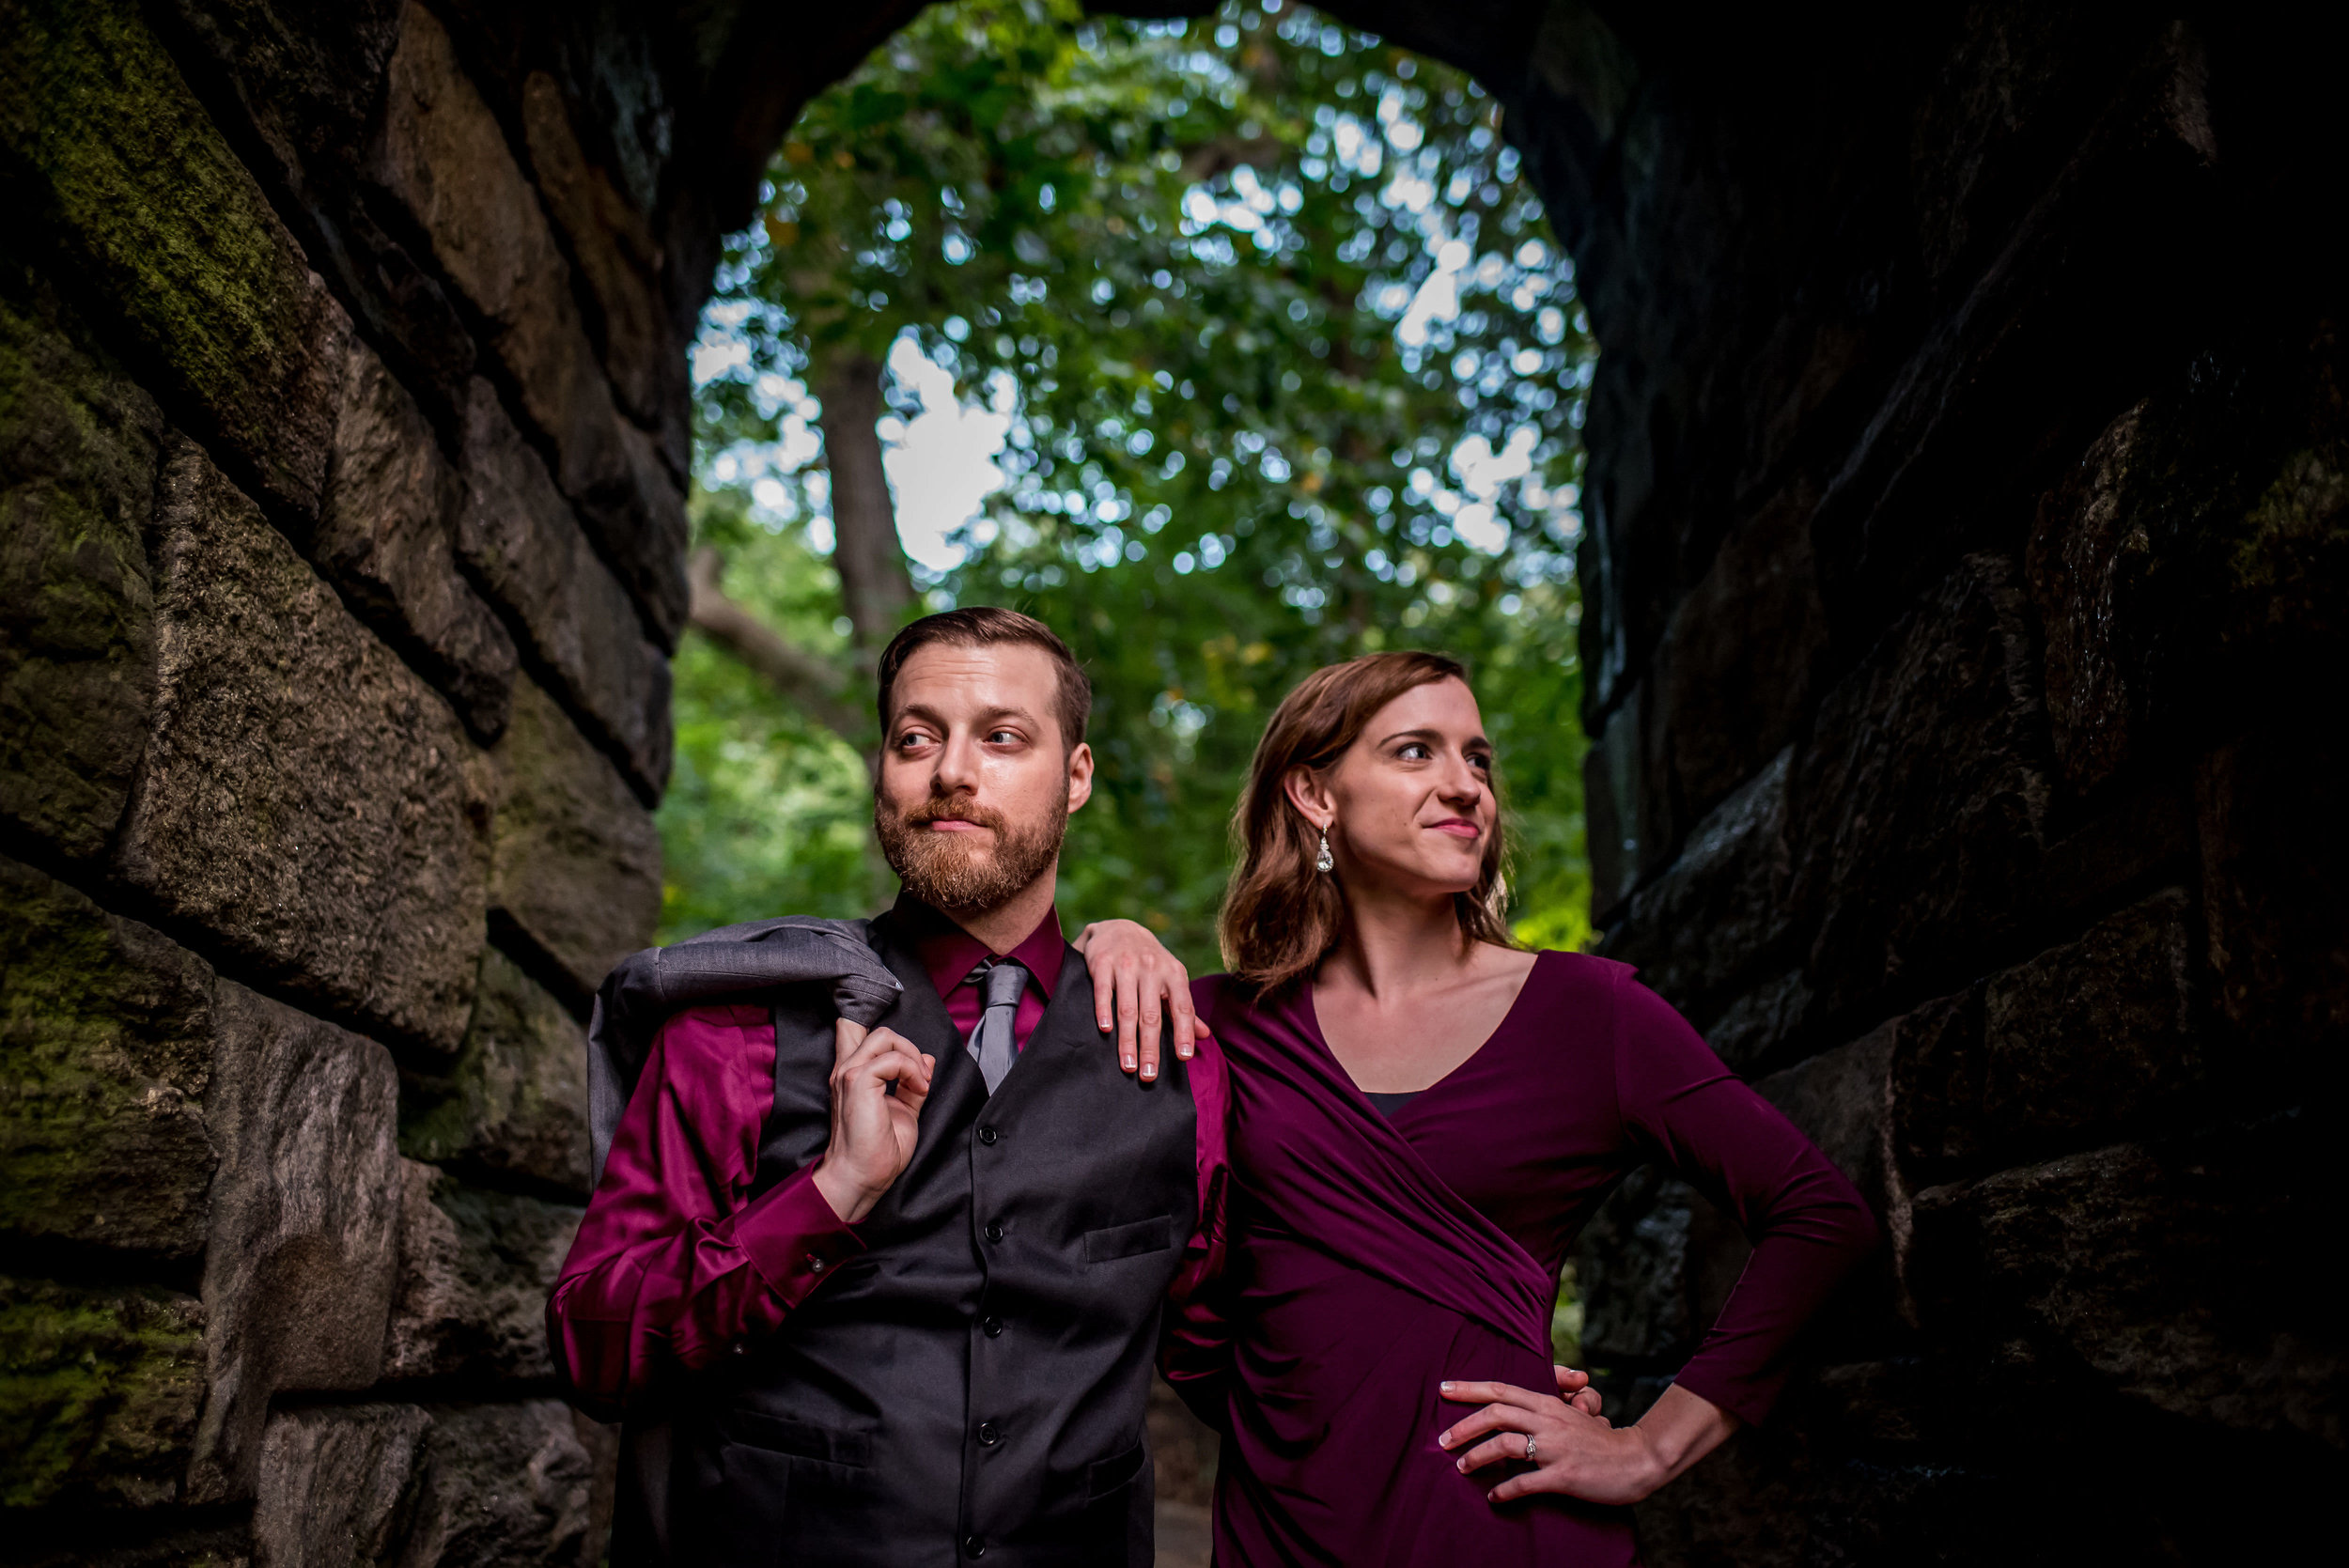 maddie_and_josh_central_park_5_year_wedding_anniversary__080.jpg